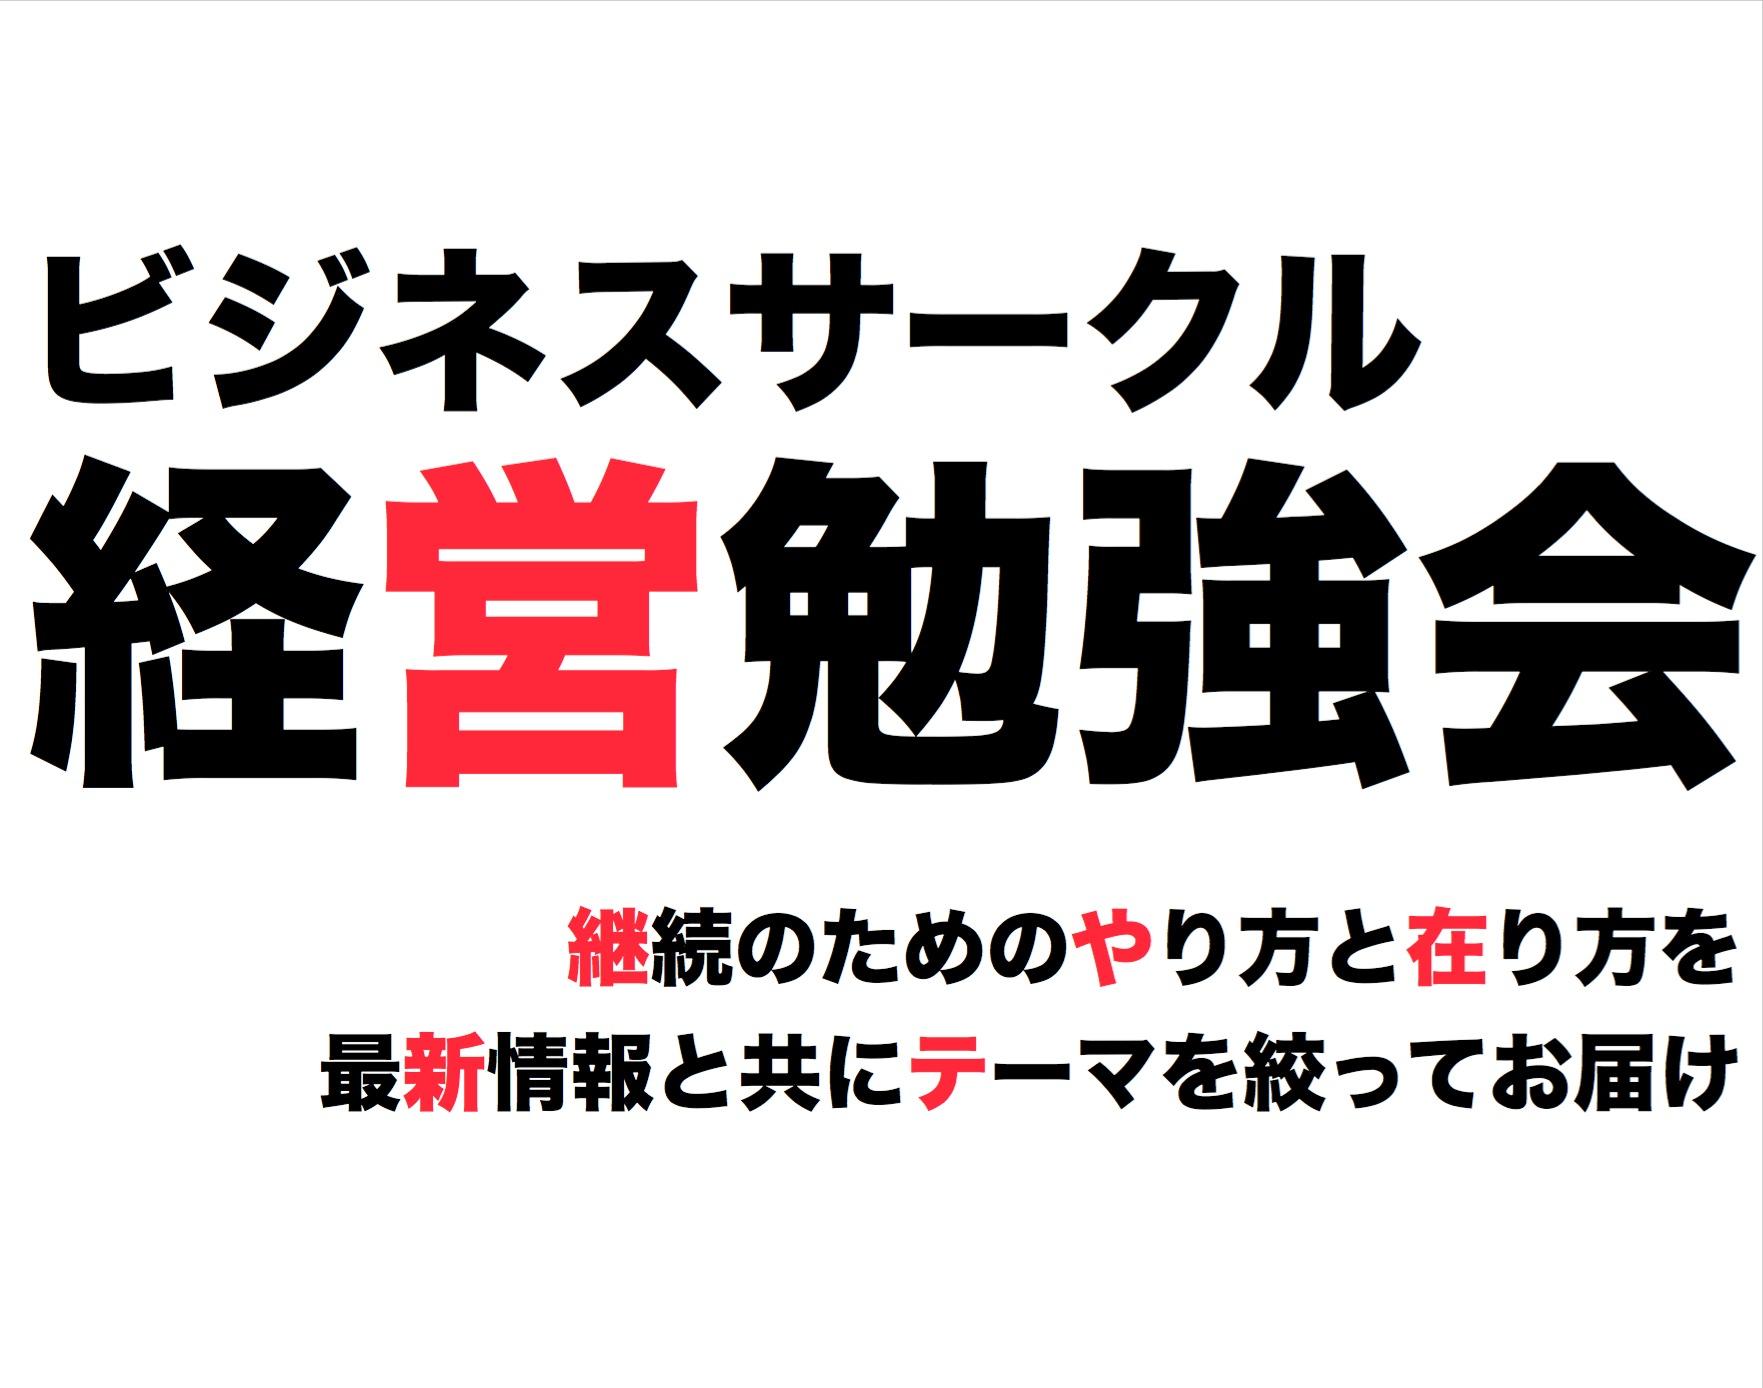 ビジネスサークルDVD/CD👈ここをクリック